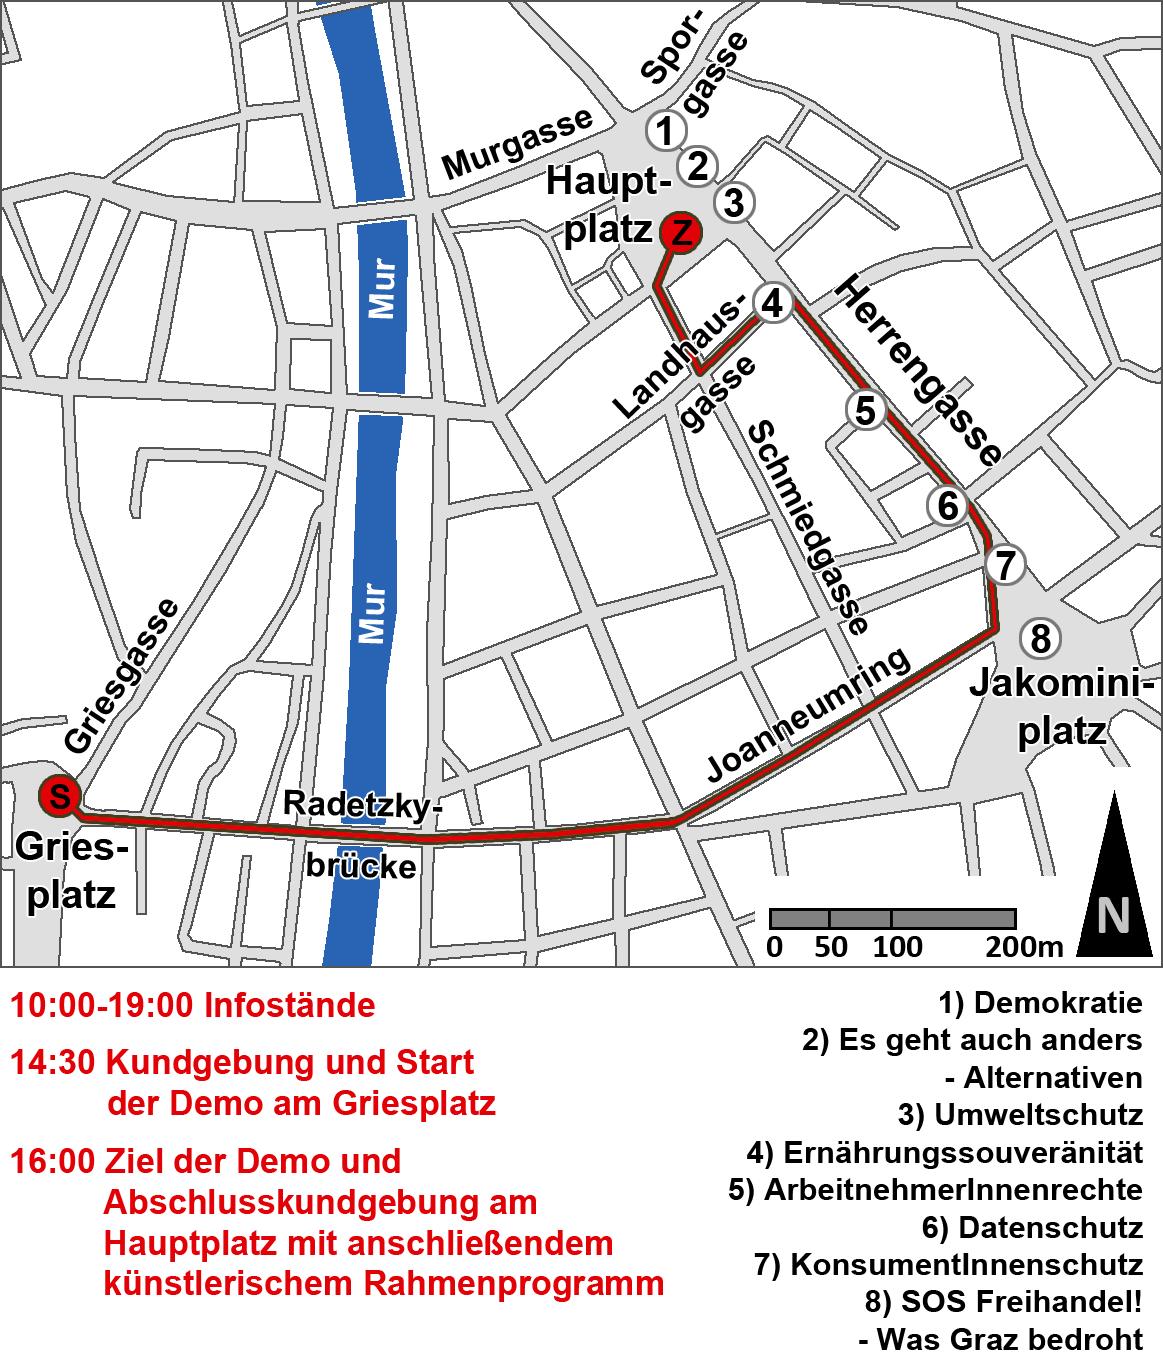 stadtplan_mit_legende